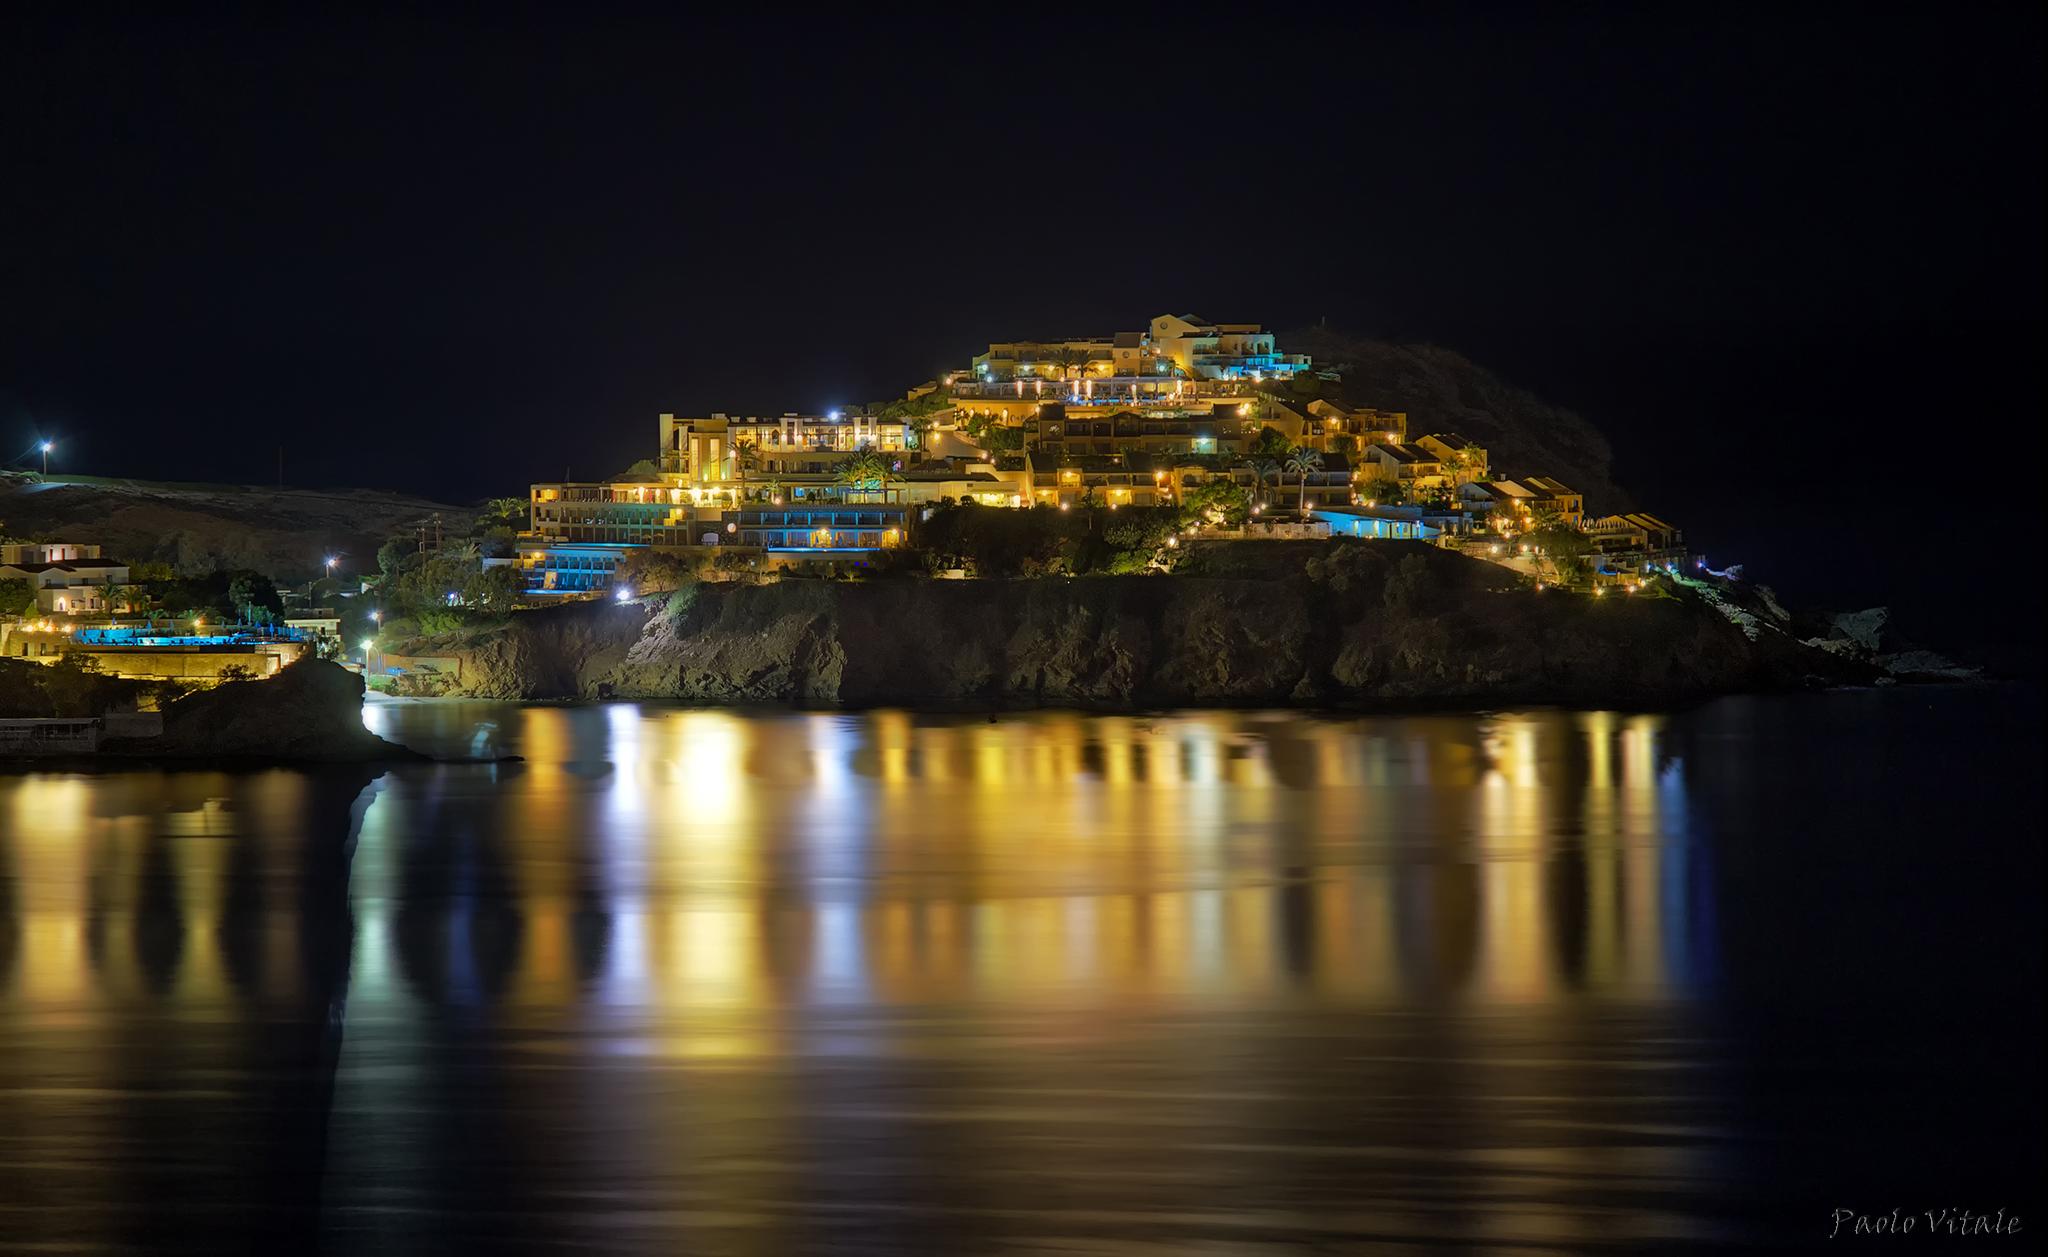 Mononaftis' Night Lights...